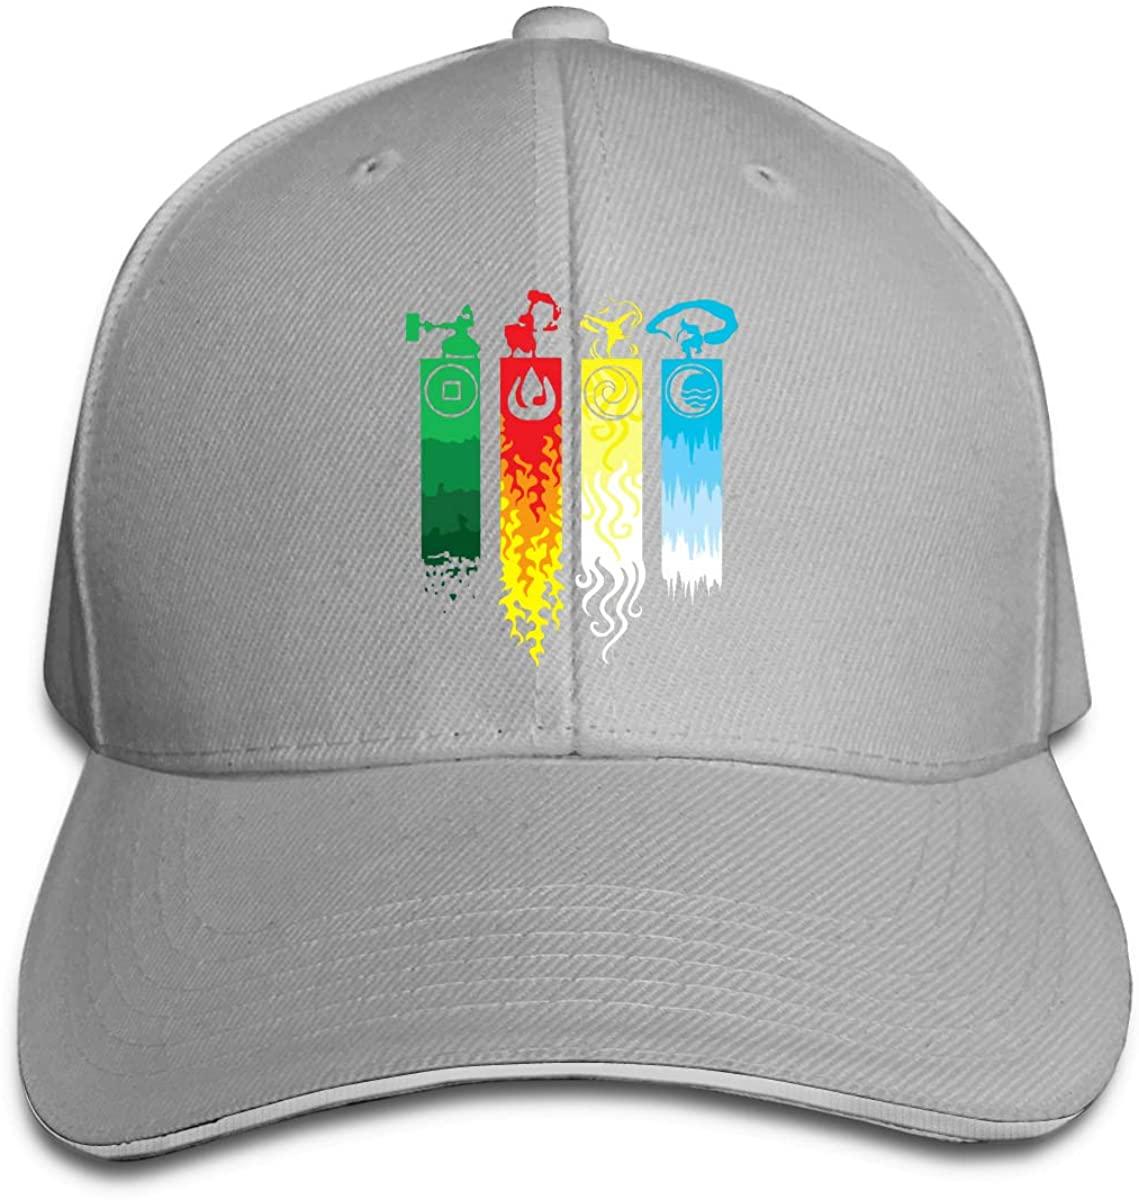 Avatar particulier la dernière légende Airbender de Korra Aang Hip Hop casquette de Baseball Sandwich chapeau noir